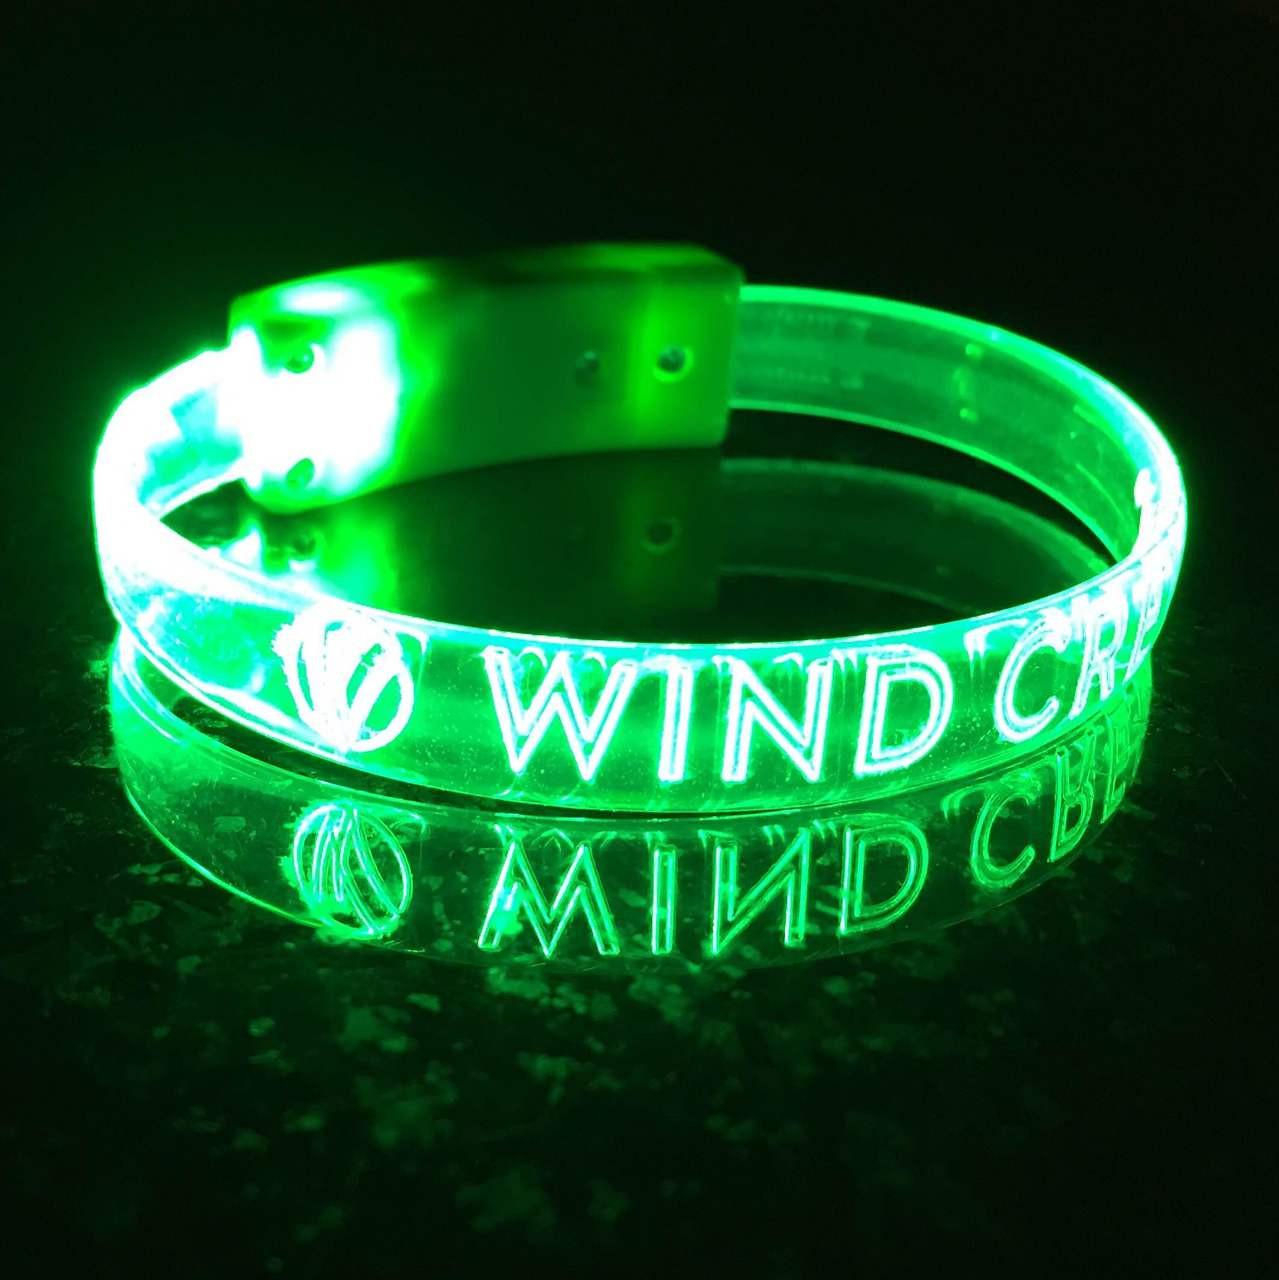 Green,LED, Custom,Engraved,Branded,Personalized, Bulk, LED, Wristband, LED wristband, Bracelet, Glow,Neon, UV, LED Bands, wrist band,wristband, illuminated, light up, wholesale, School, wedding, nightclub, promo, merch,